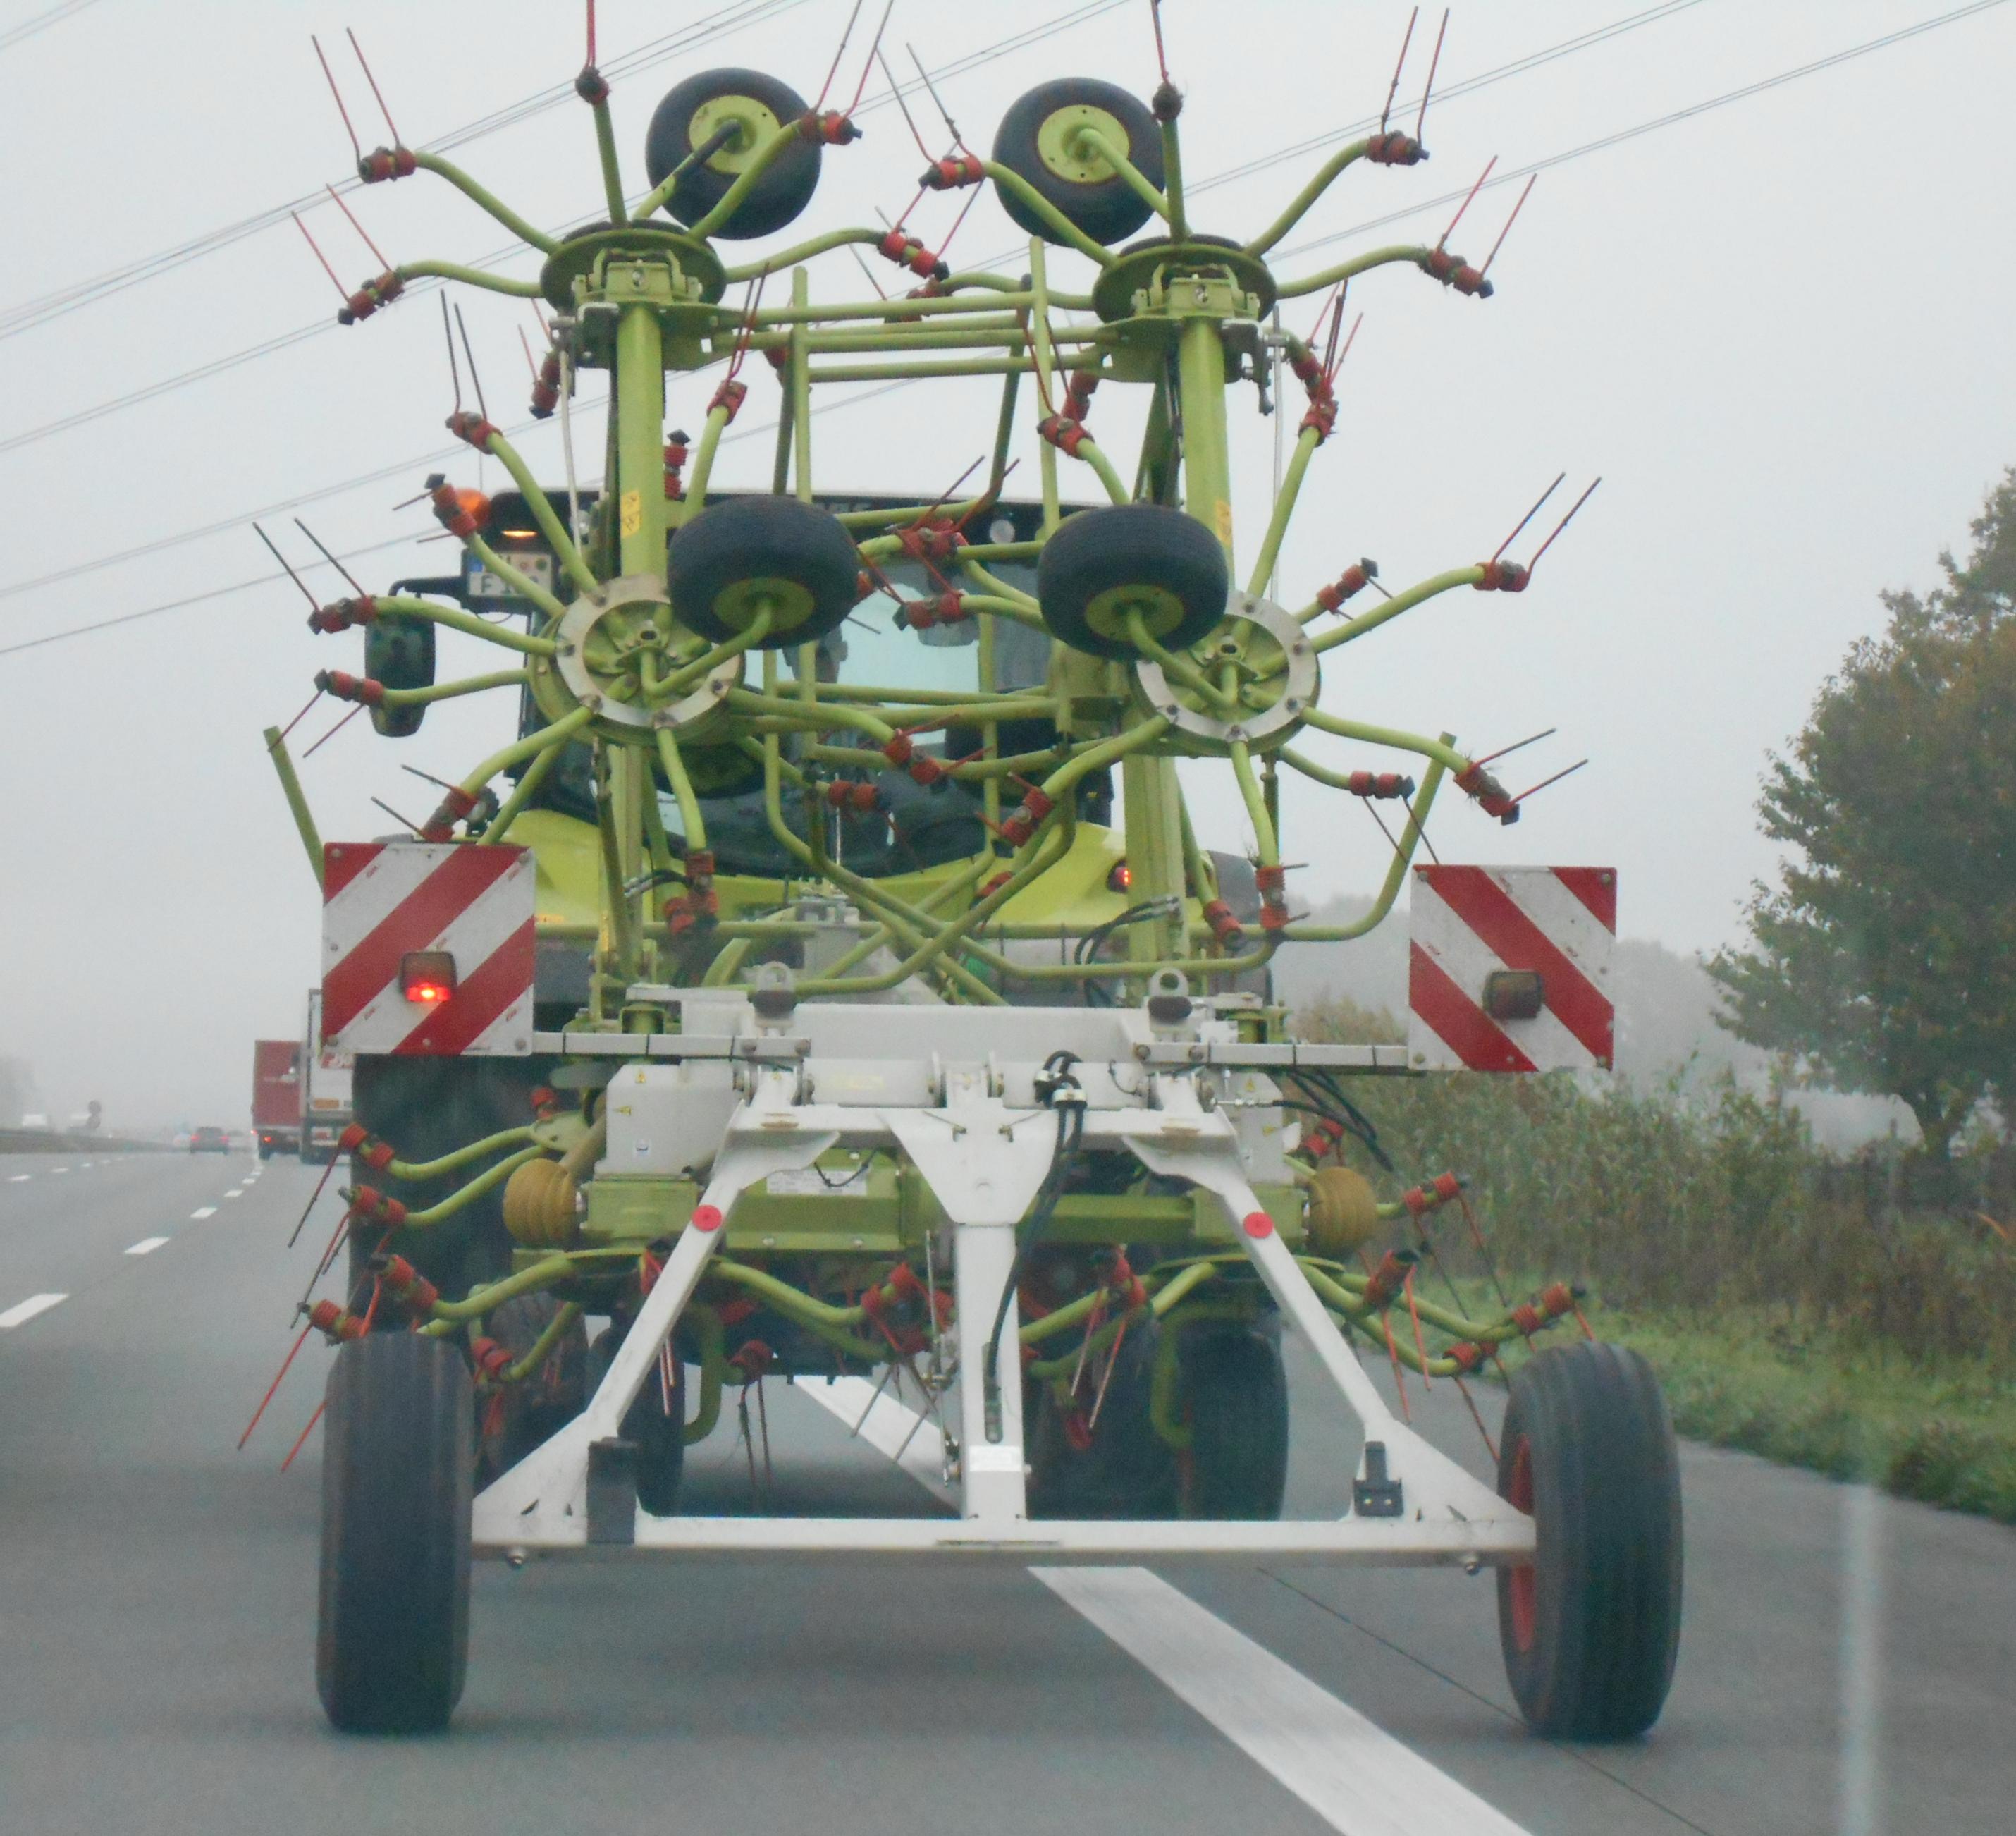 Bekiffter Landwirt tuckert mit Trecker über die Autobahn